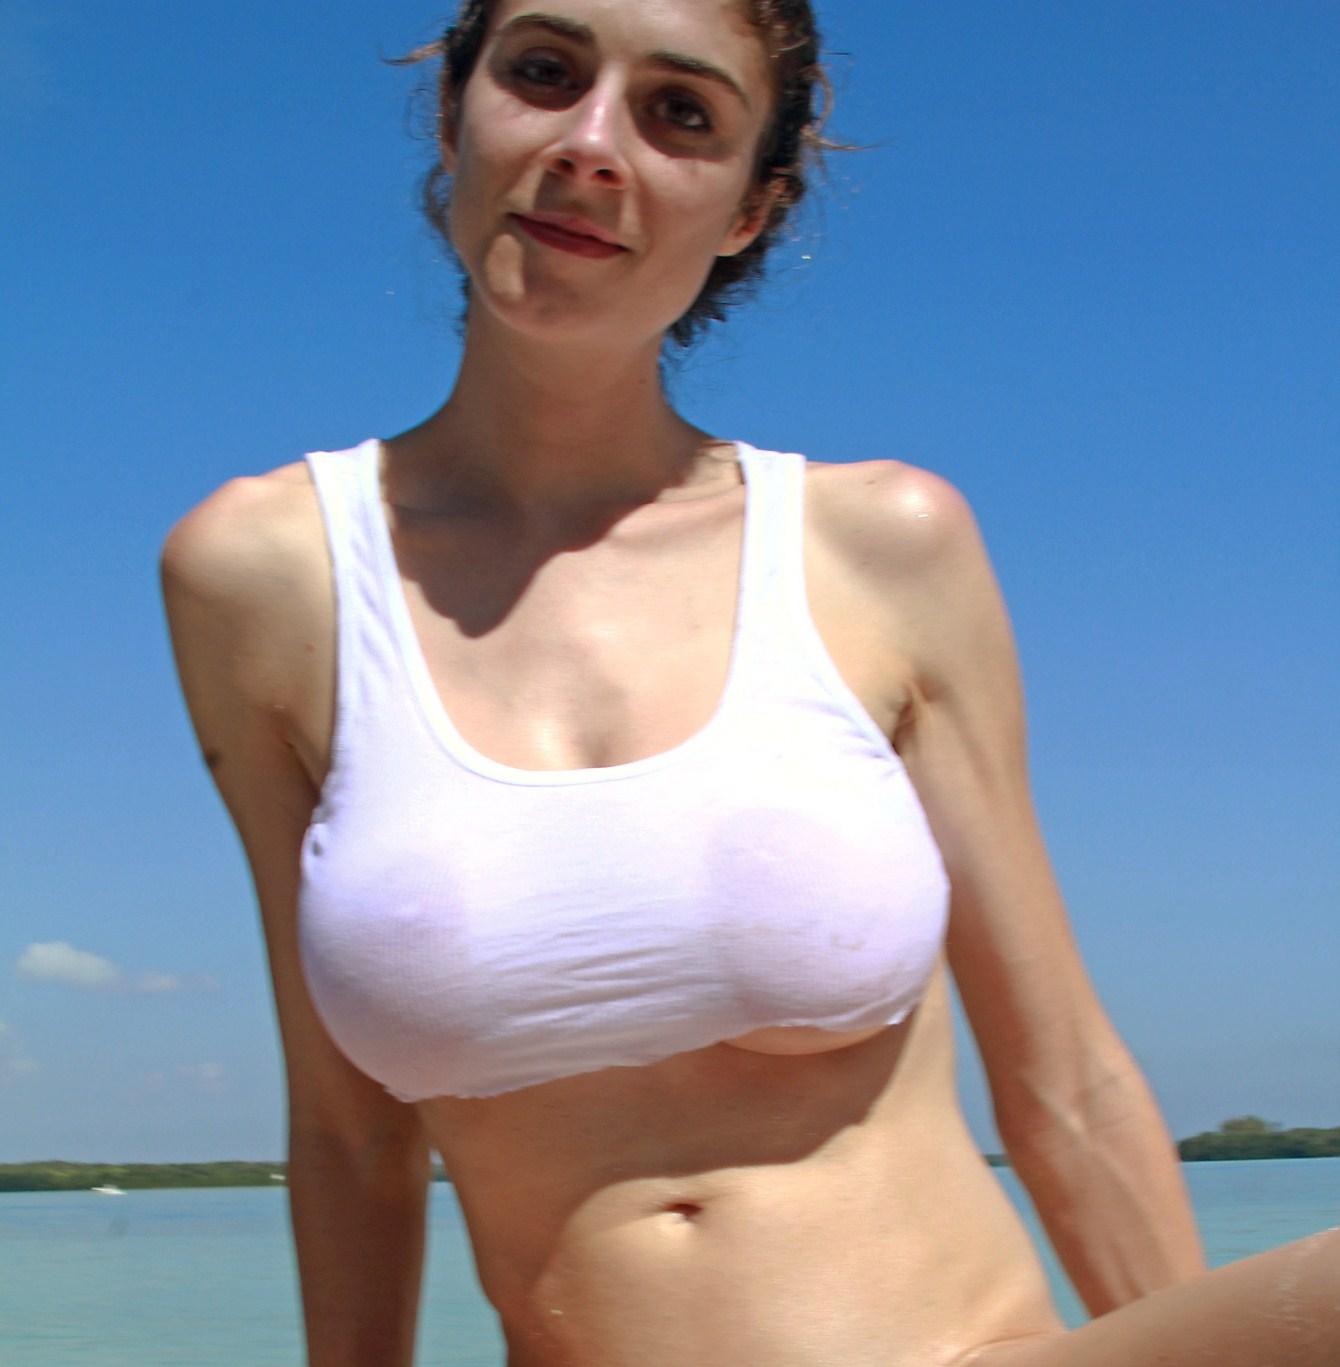 Michelle Iniciante No Anal 41-2526